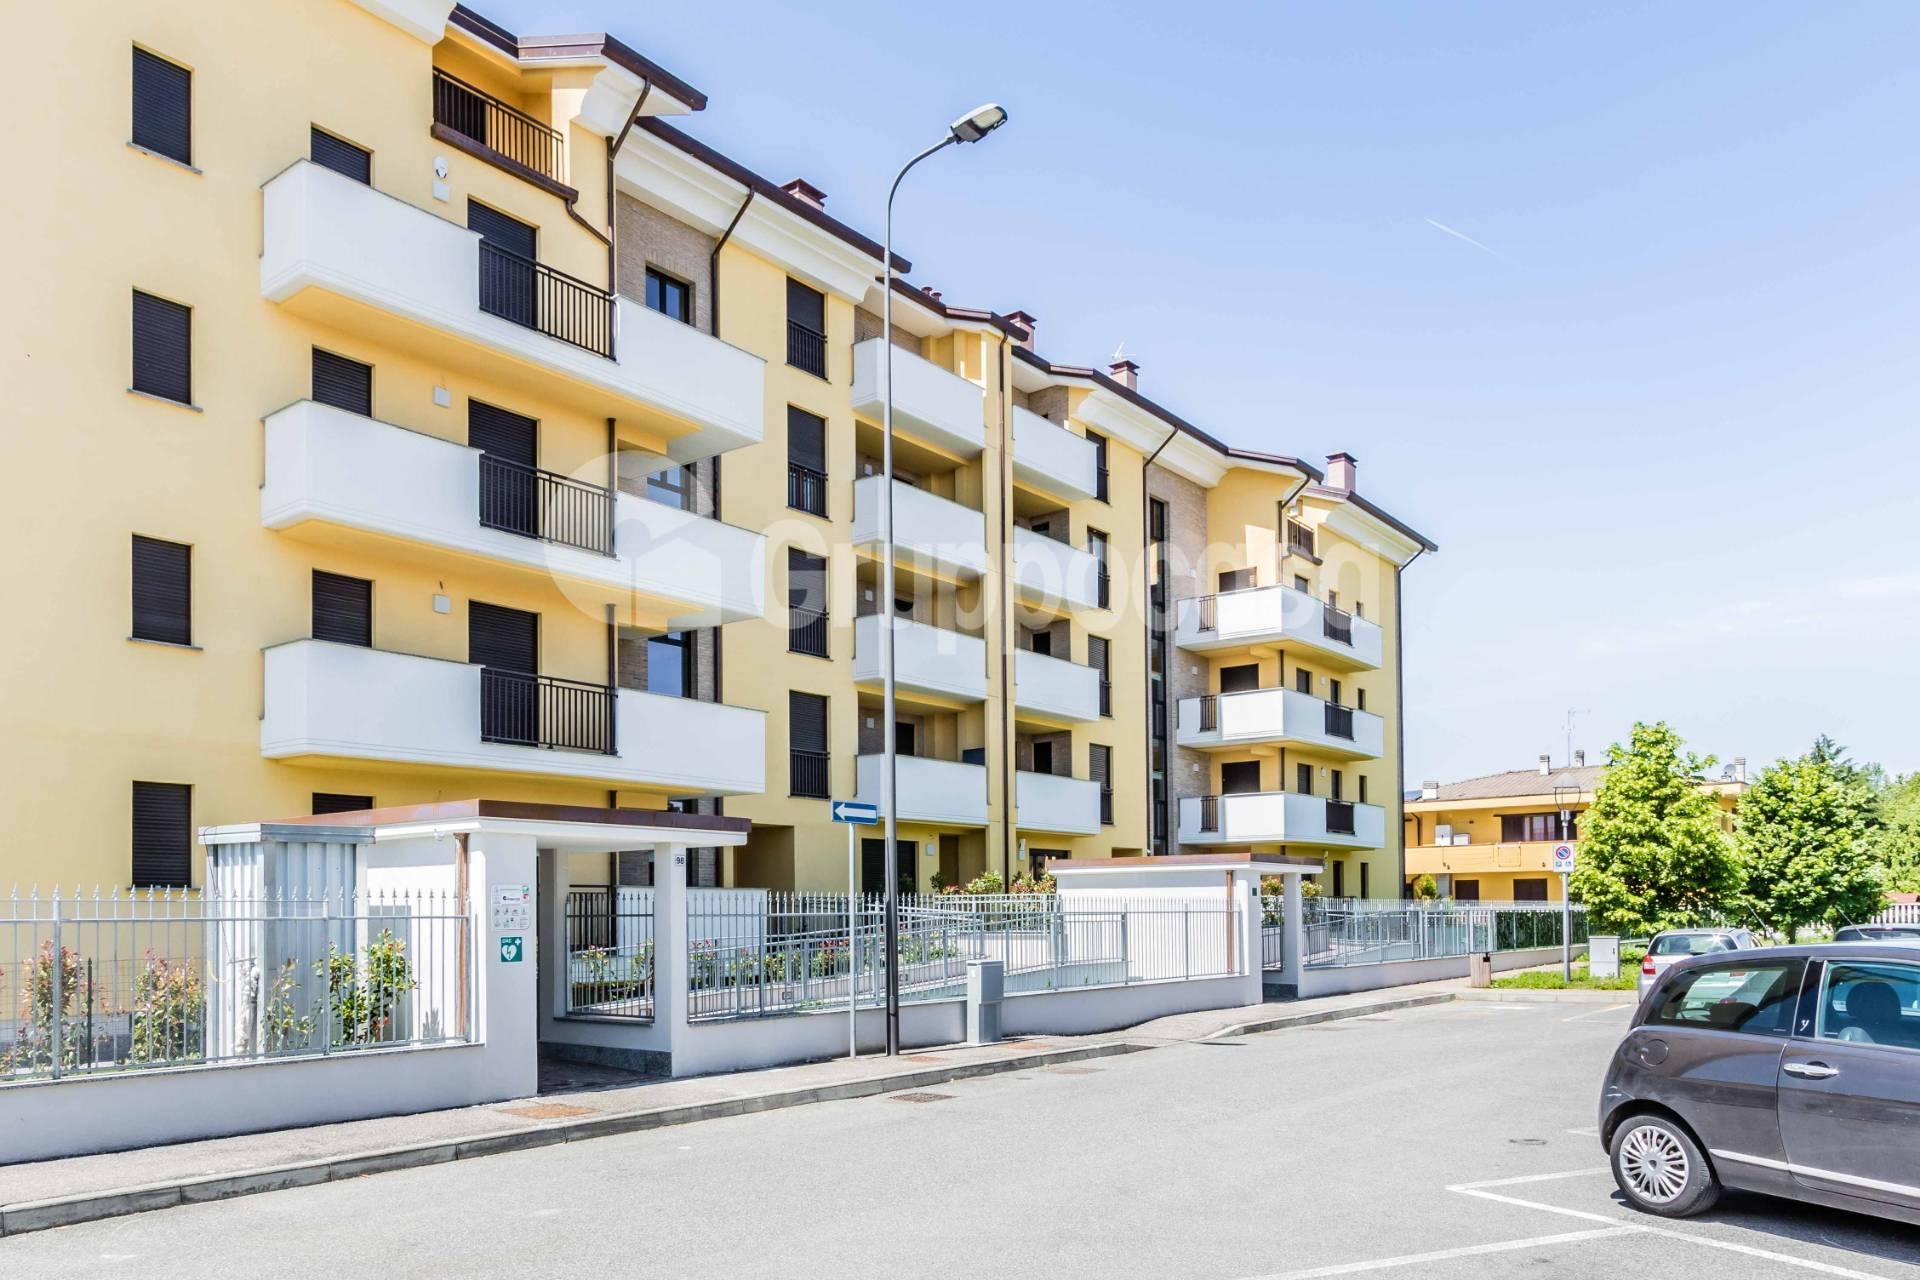 Appartamento in vendita a Magenta, 3 locali, prezzo € 235.000 | PortaleAgenzieImmobiliari.it